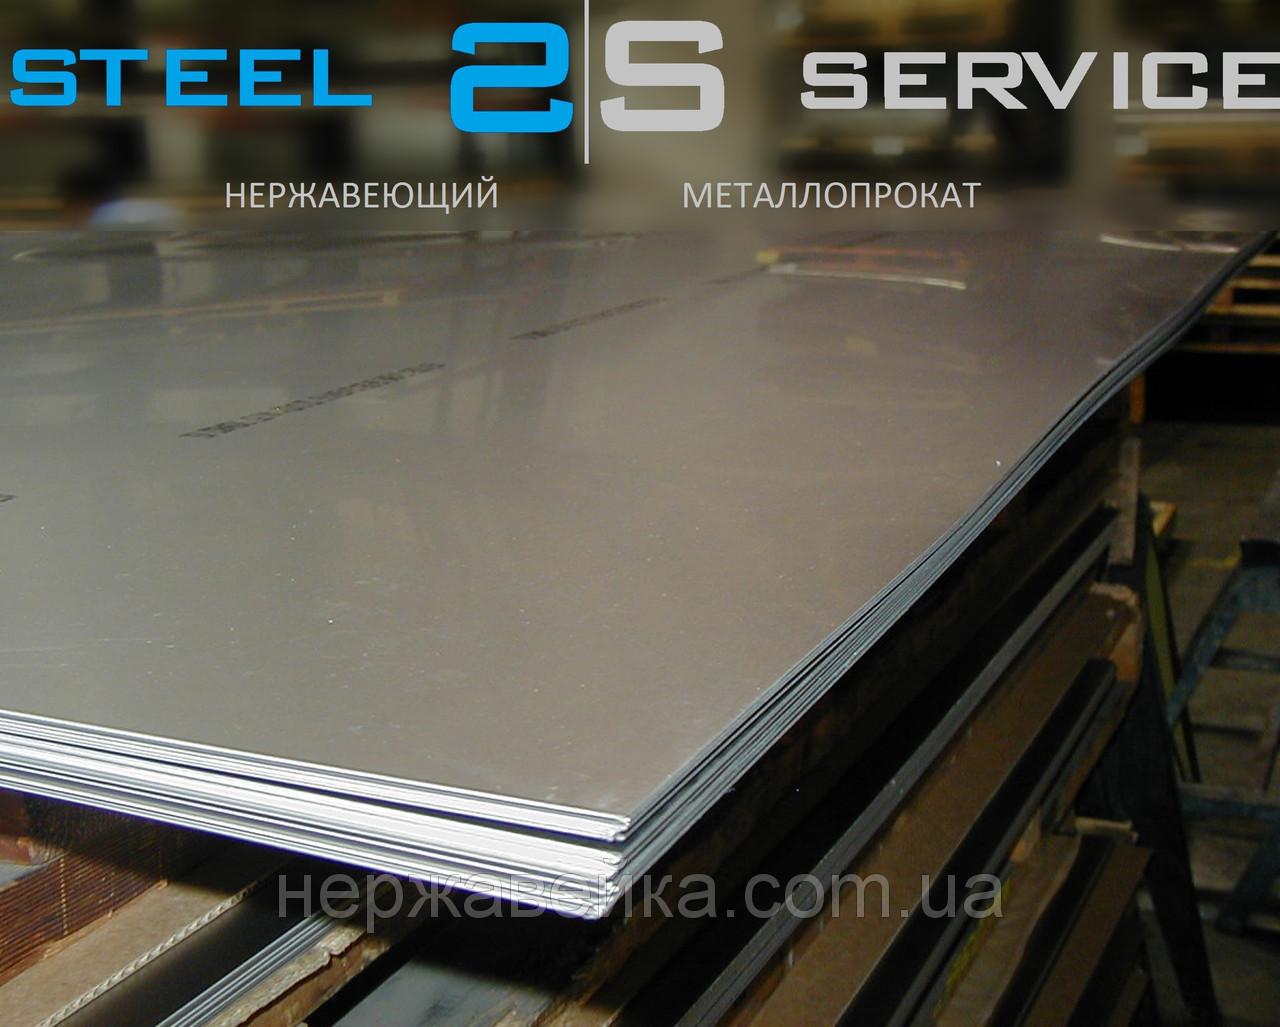 Нержавеющий лист 14х1500х6000мм  AISI 310(20Х23Н18) F1 - горячекатанный,  жаропрочный